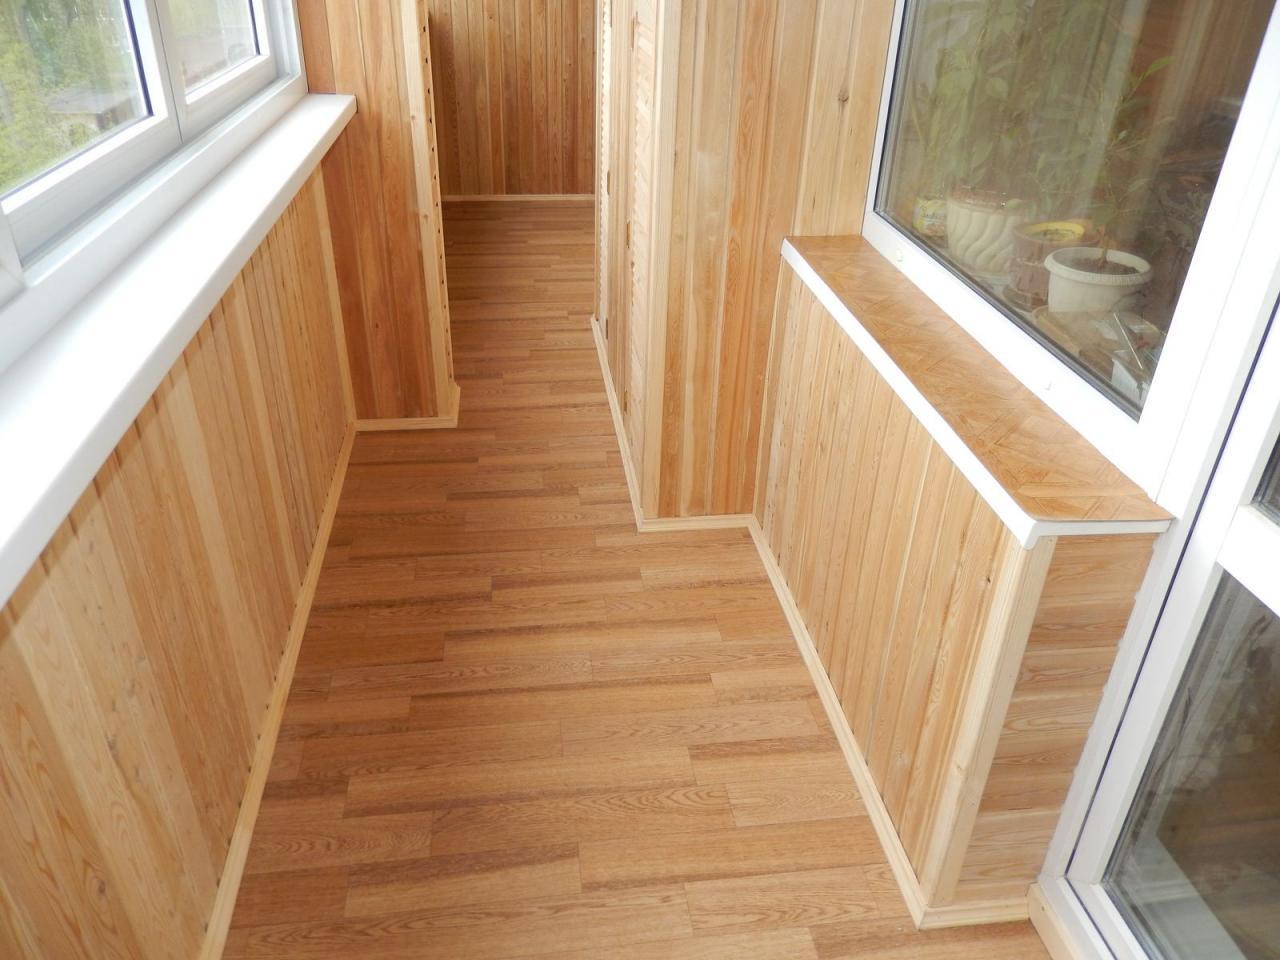 Внутренняя отделка балконов и лоджий в Красноярске.   фото 1 из 6